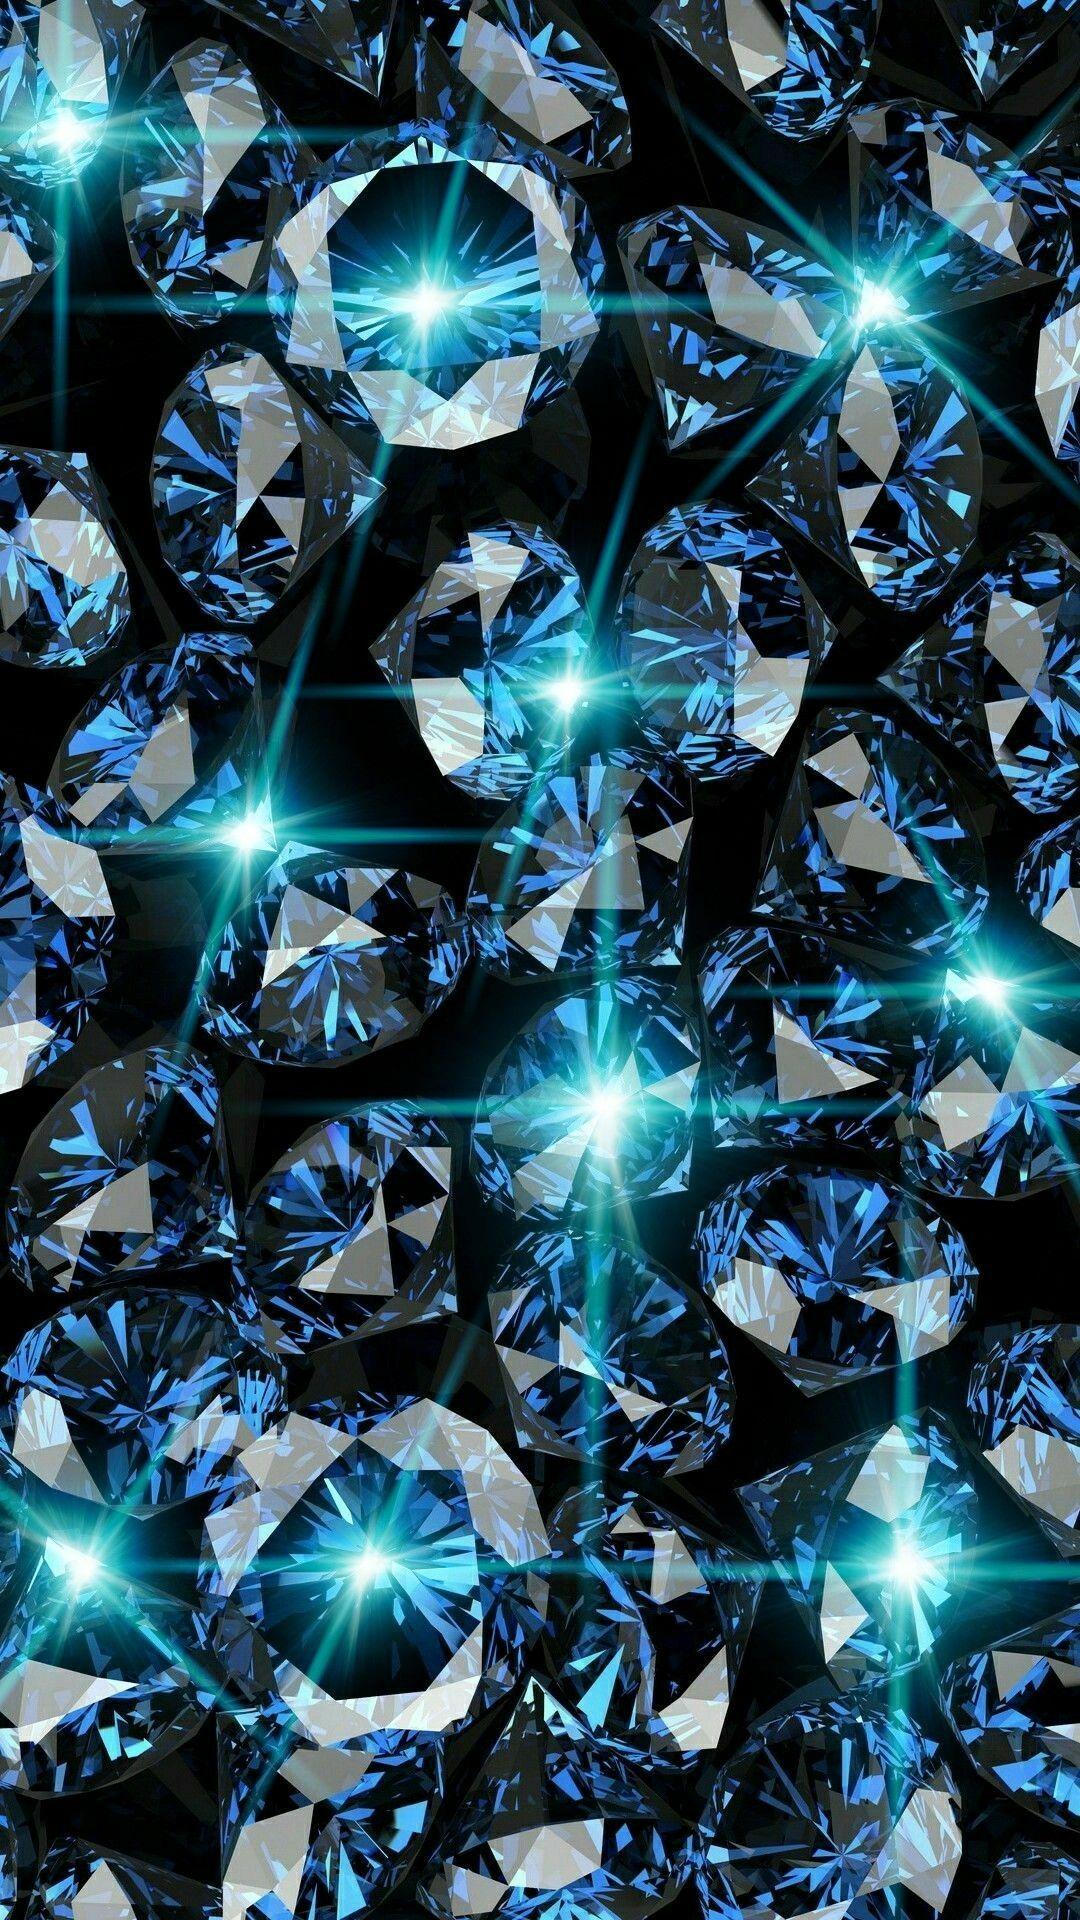 Blue Diamonds With Bling Wallpaper Bling Wallpaper Diamond Wallpaper Iphone Diamond Wallpaper